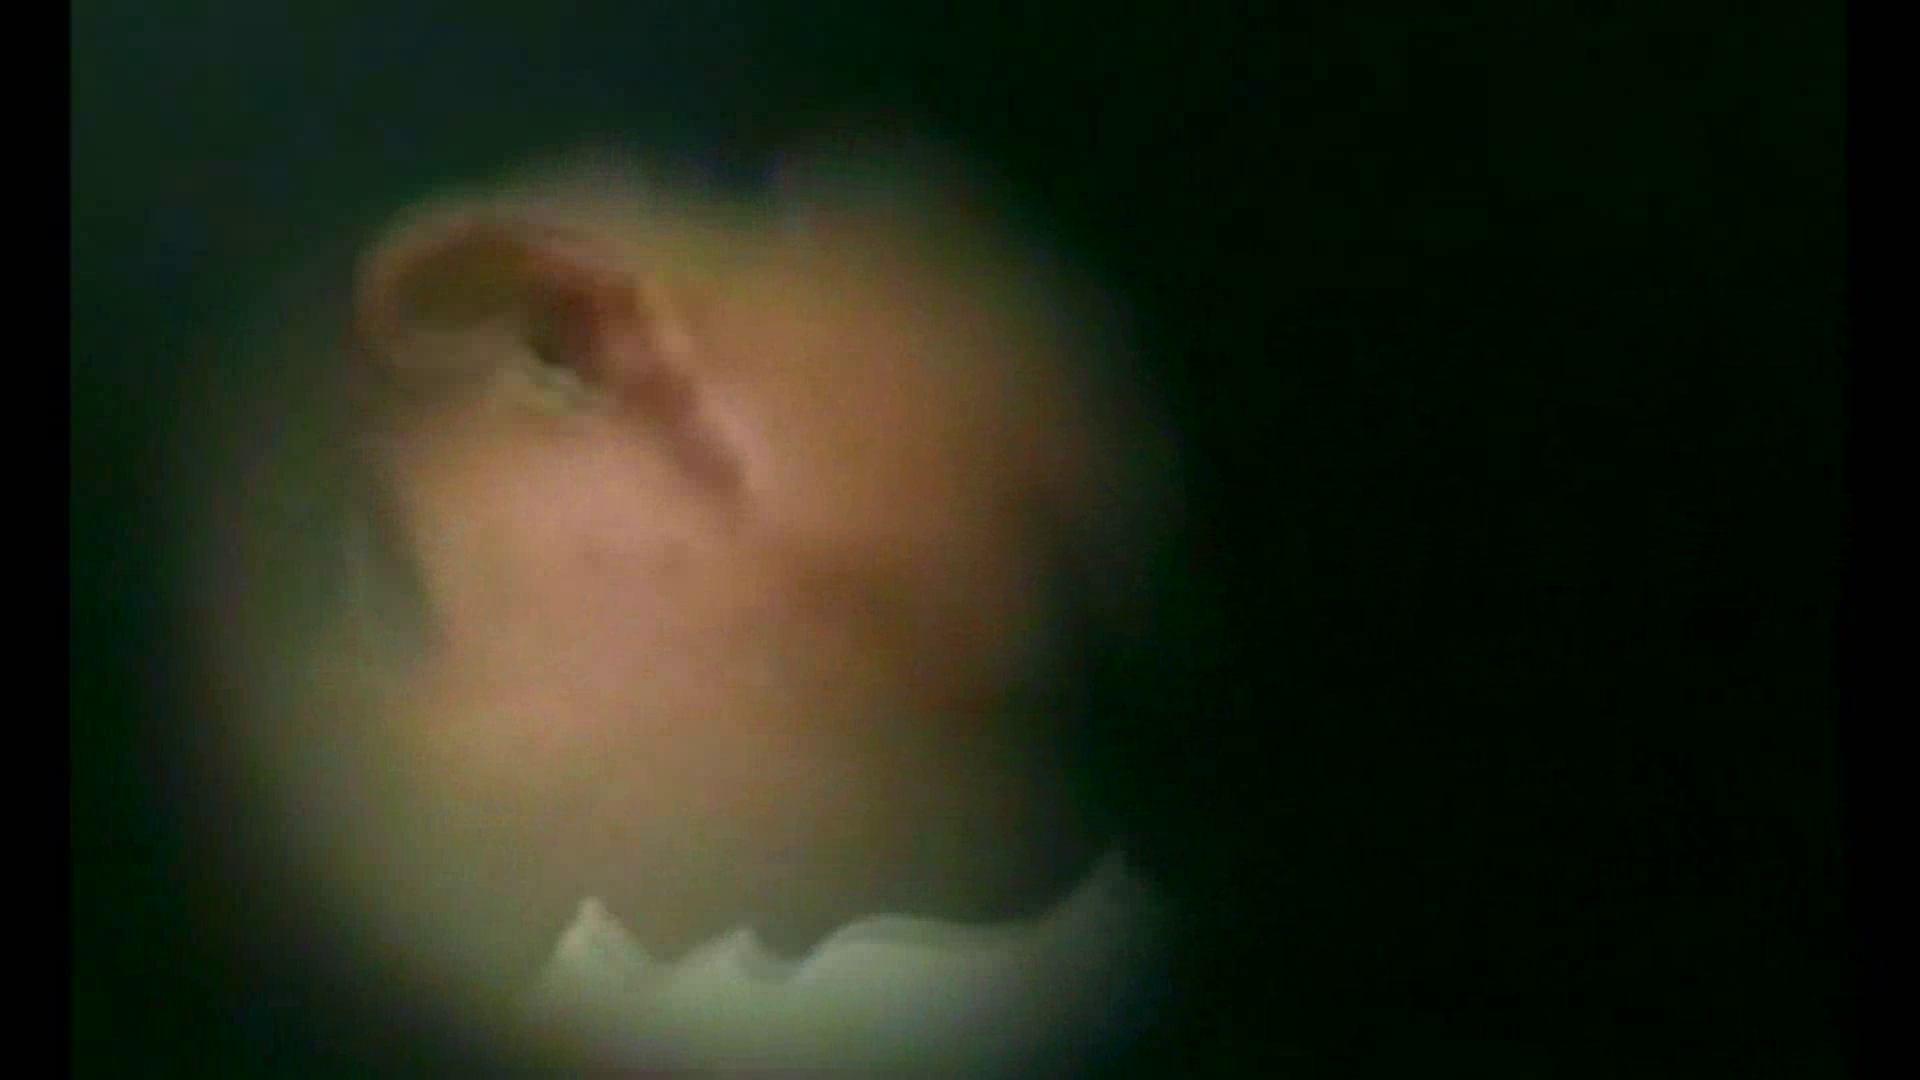 イケメンの素顔in洗面所 Vol.16 男天国 | イケメンのsex  109pic 15